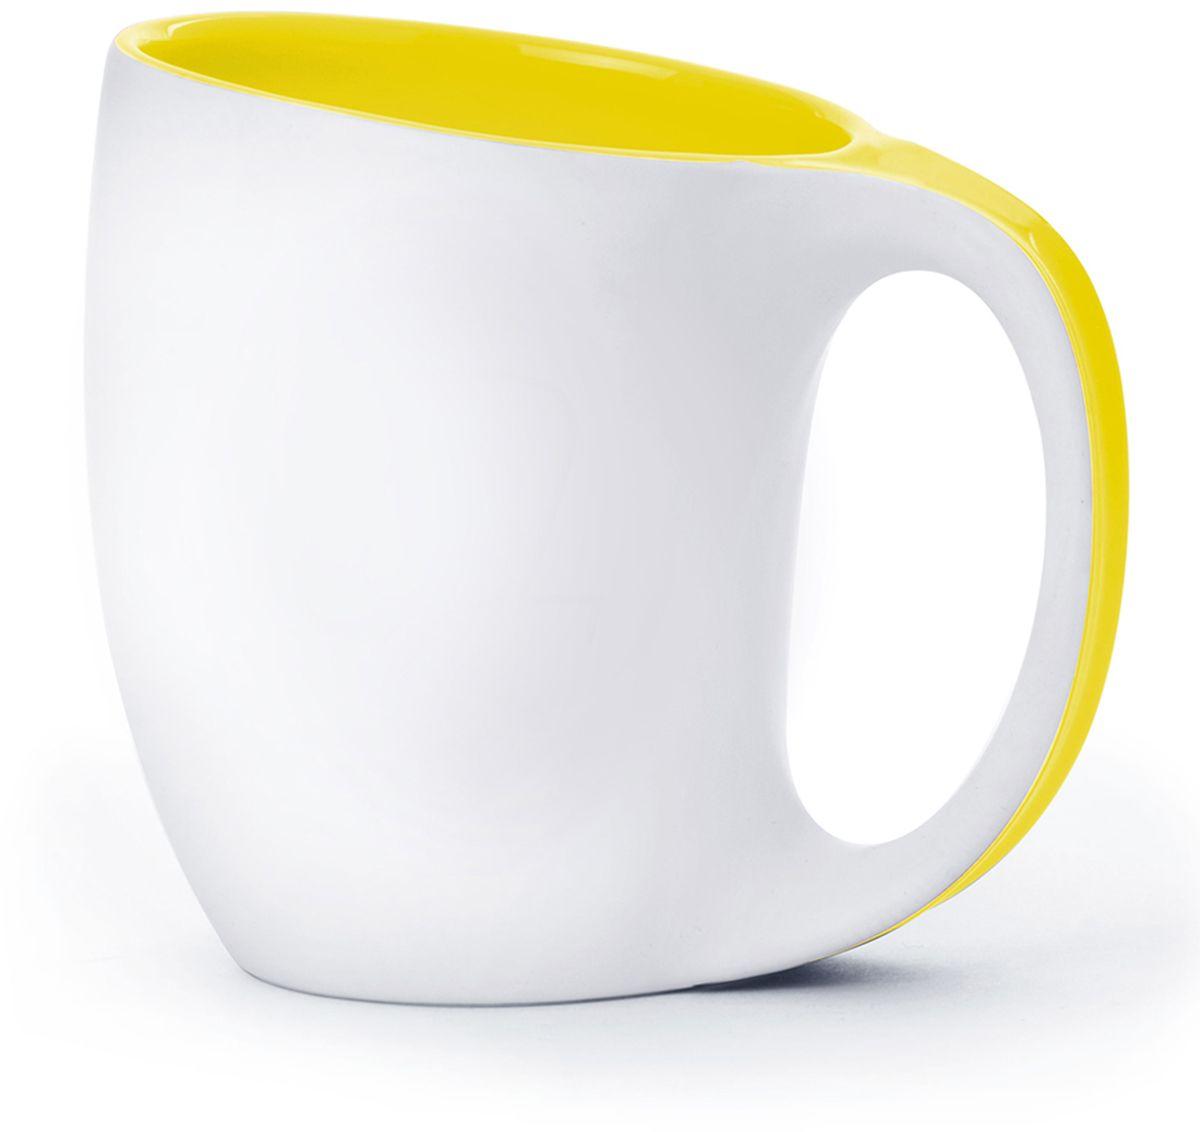 Кружка Asobu The porcelain saphire, цвет: желтый, 400 млMUG 330 yellowAsobu – бренд посуды для питья, выделяющийся творческим, оригинальным дизайном и инновационными решениями.Asobu разработан Ad-N-Art в Канаде и в переводе с японского означает «весело и с удовольствием». И действительно, только взгляните на каталог представленных коллекций и вы поймете, что Asobu - посуда, которая вдохновляет!Кроме яркого и позитивного дизайна, Asobu отличается и качеством материалов из которых изготовлена продукция – это всегда чрезвычайно ударопрочный пластик и 100% BPA Free.За последние 5 лет, благодаря своему дизайну и функциональности, Asobu завоевали популярность не только в Канаде и США, но и во всем мире!Теперь Ваша повседневная кружка – это настоящее произведение искусства! Ведь Asobu не делает скучных и бесполезных вещей!Представляем Вашему вниманию пять эстетически совершенных кружек. Шелковистая белая матовая поверхность и пять вариантов ярких глянцевых цветов внутренних покрытий в сочетании с идеальной формой.Asobu The porcelaine saphire изготовлен из высококачественного фарфора. Можно мыть в посудомоечной машине.